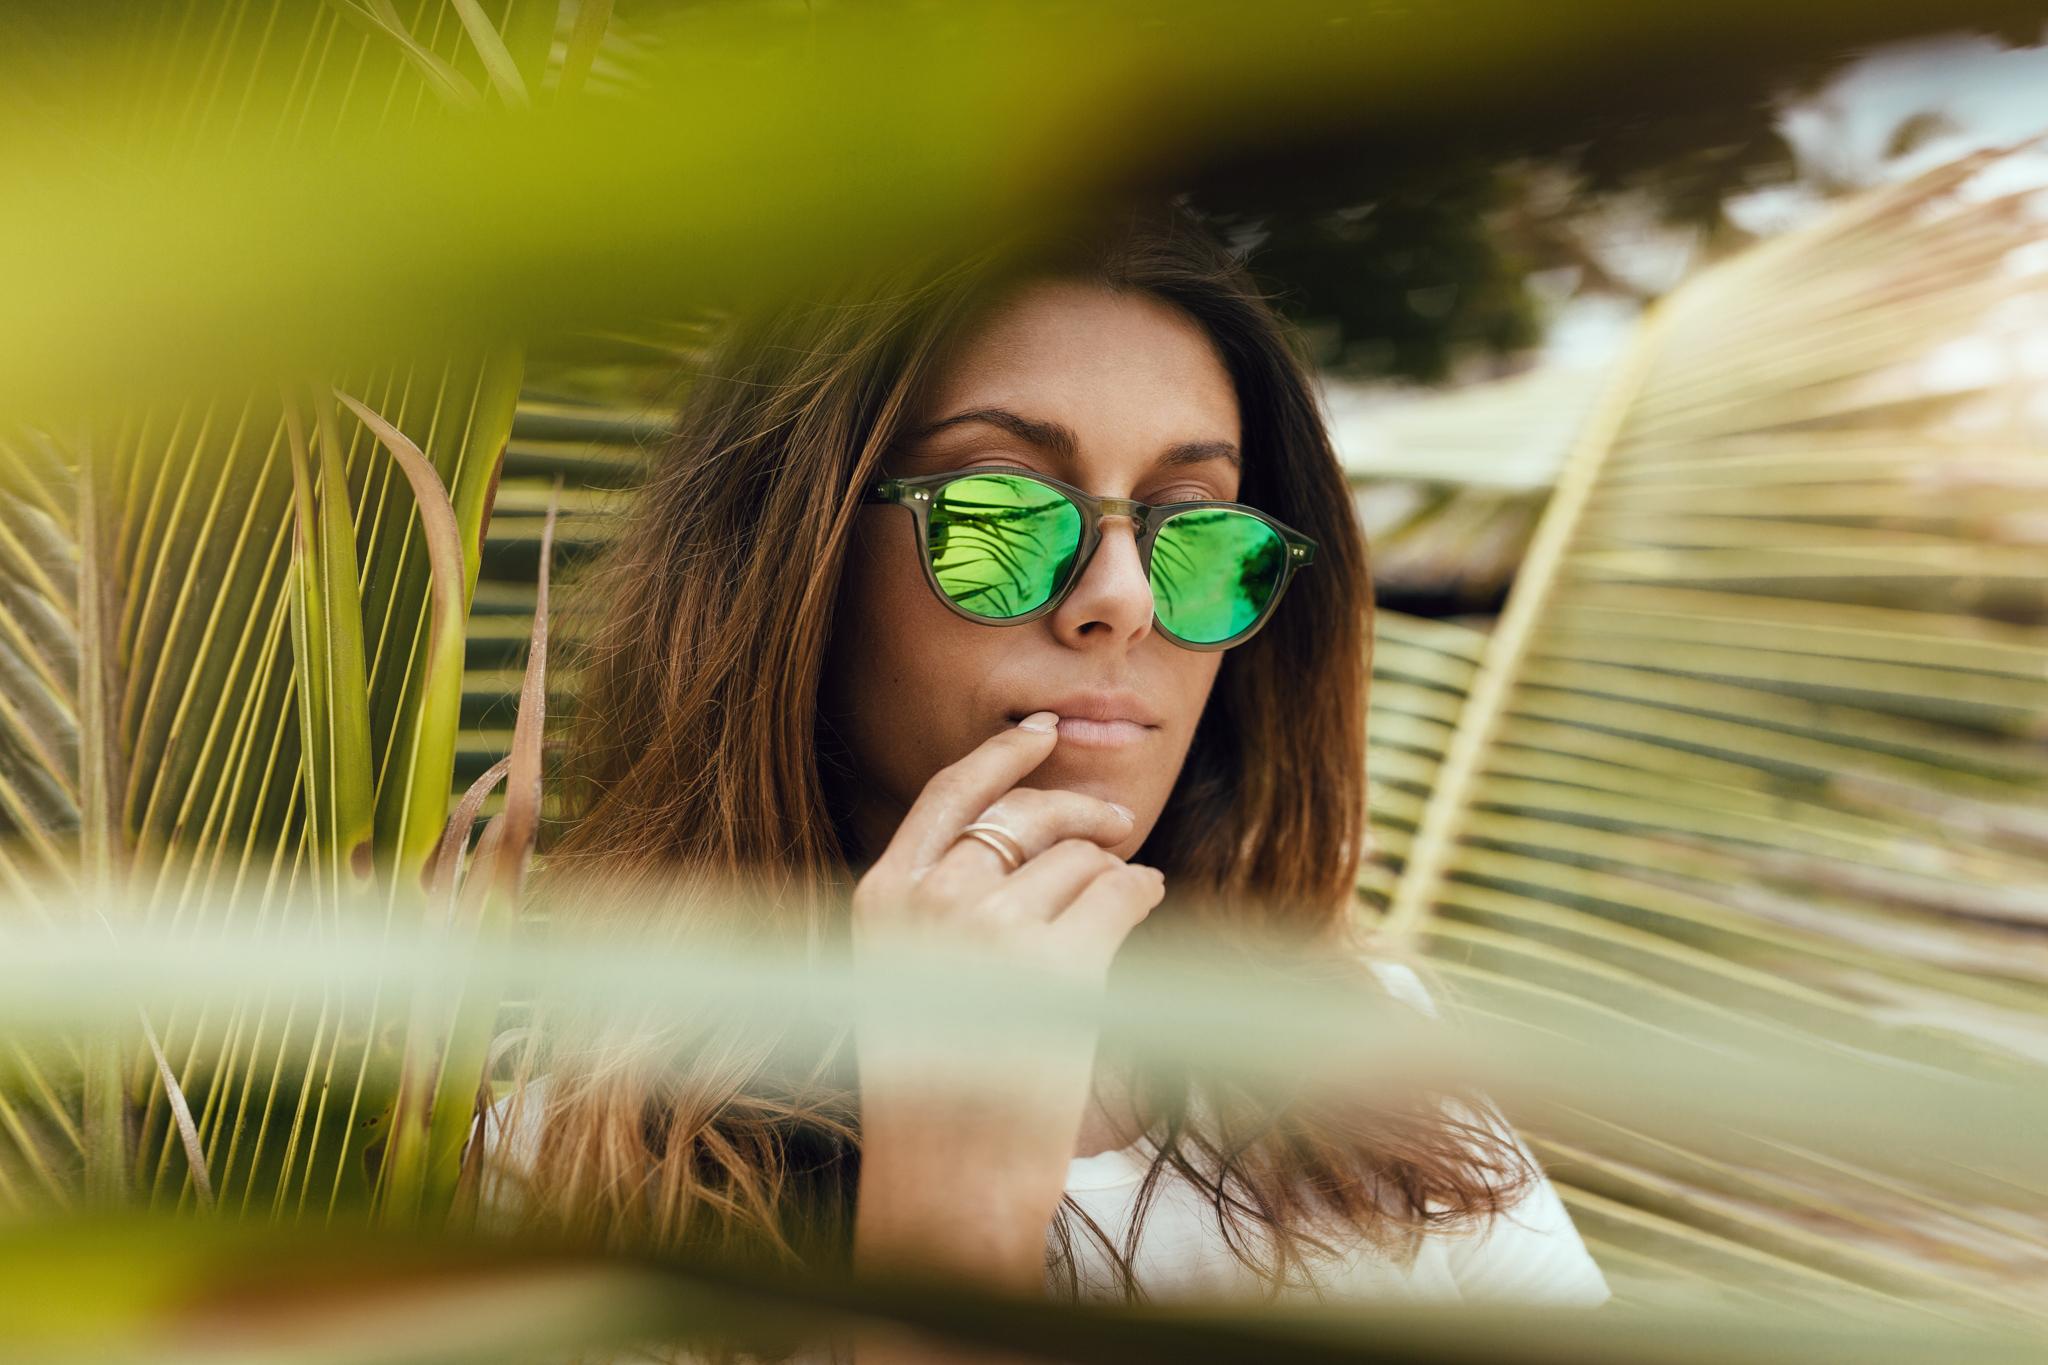 Chimi Eyewear x Bianca Ingrosso by Fabian Wester 8